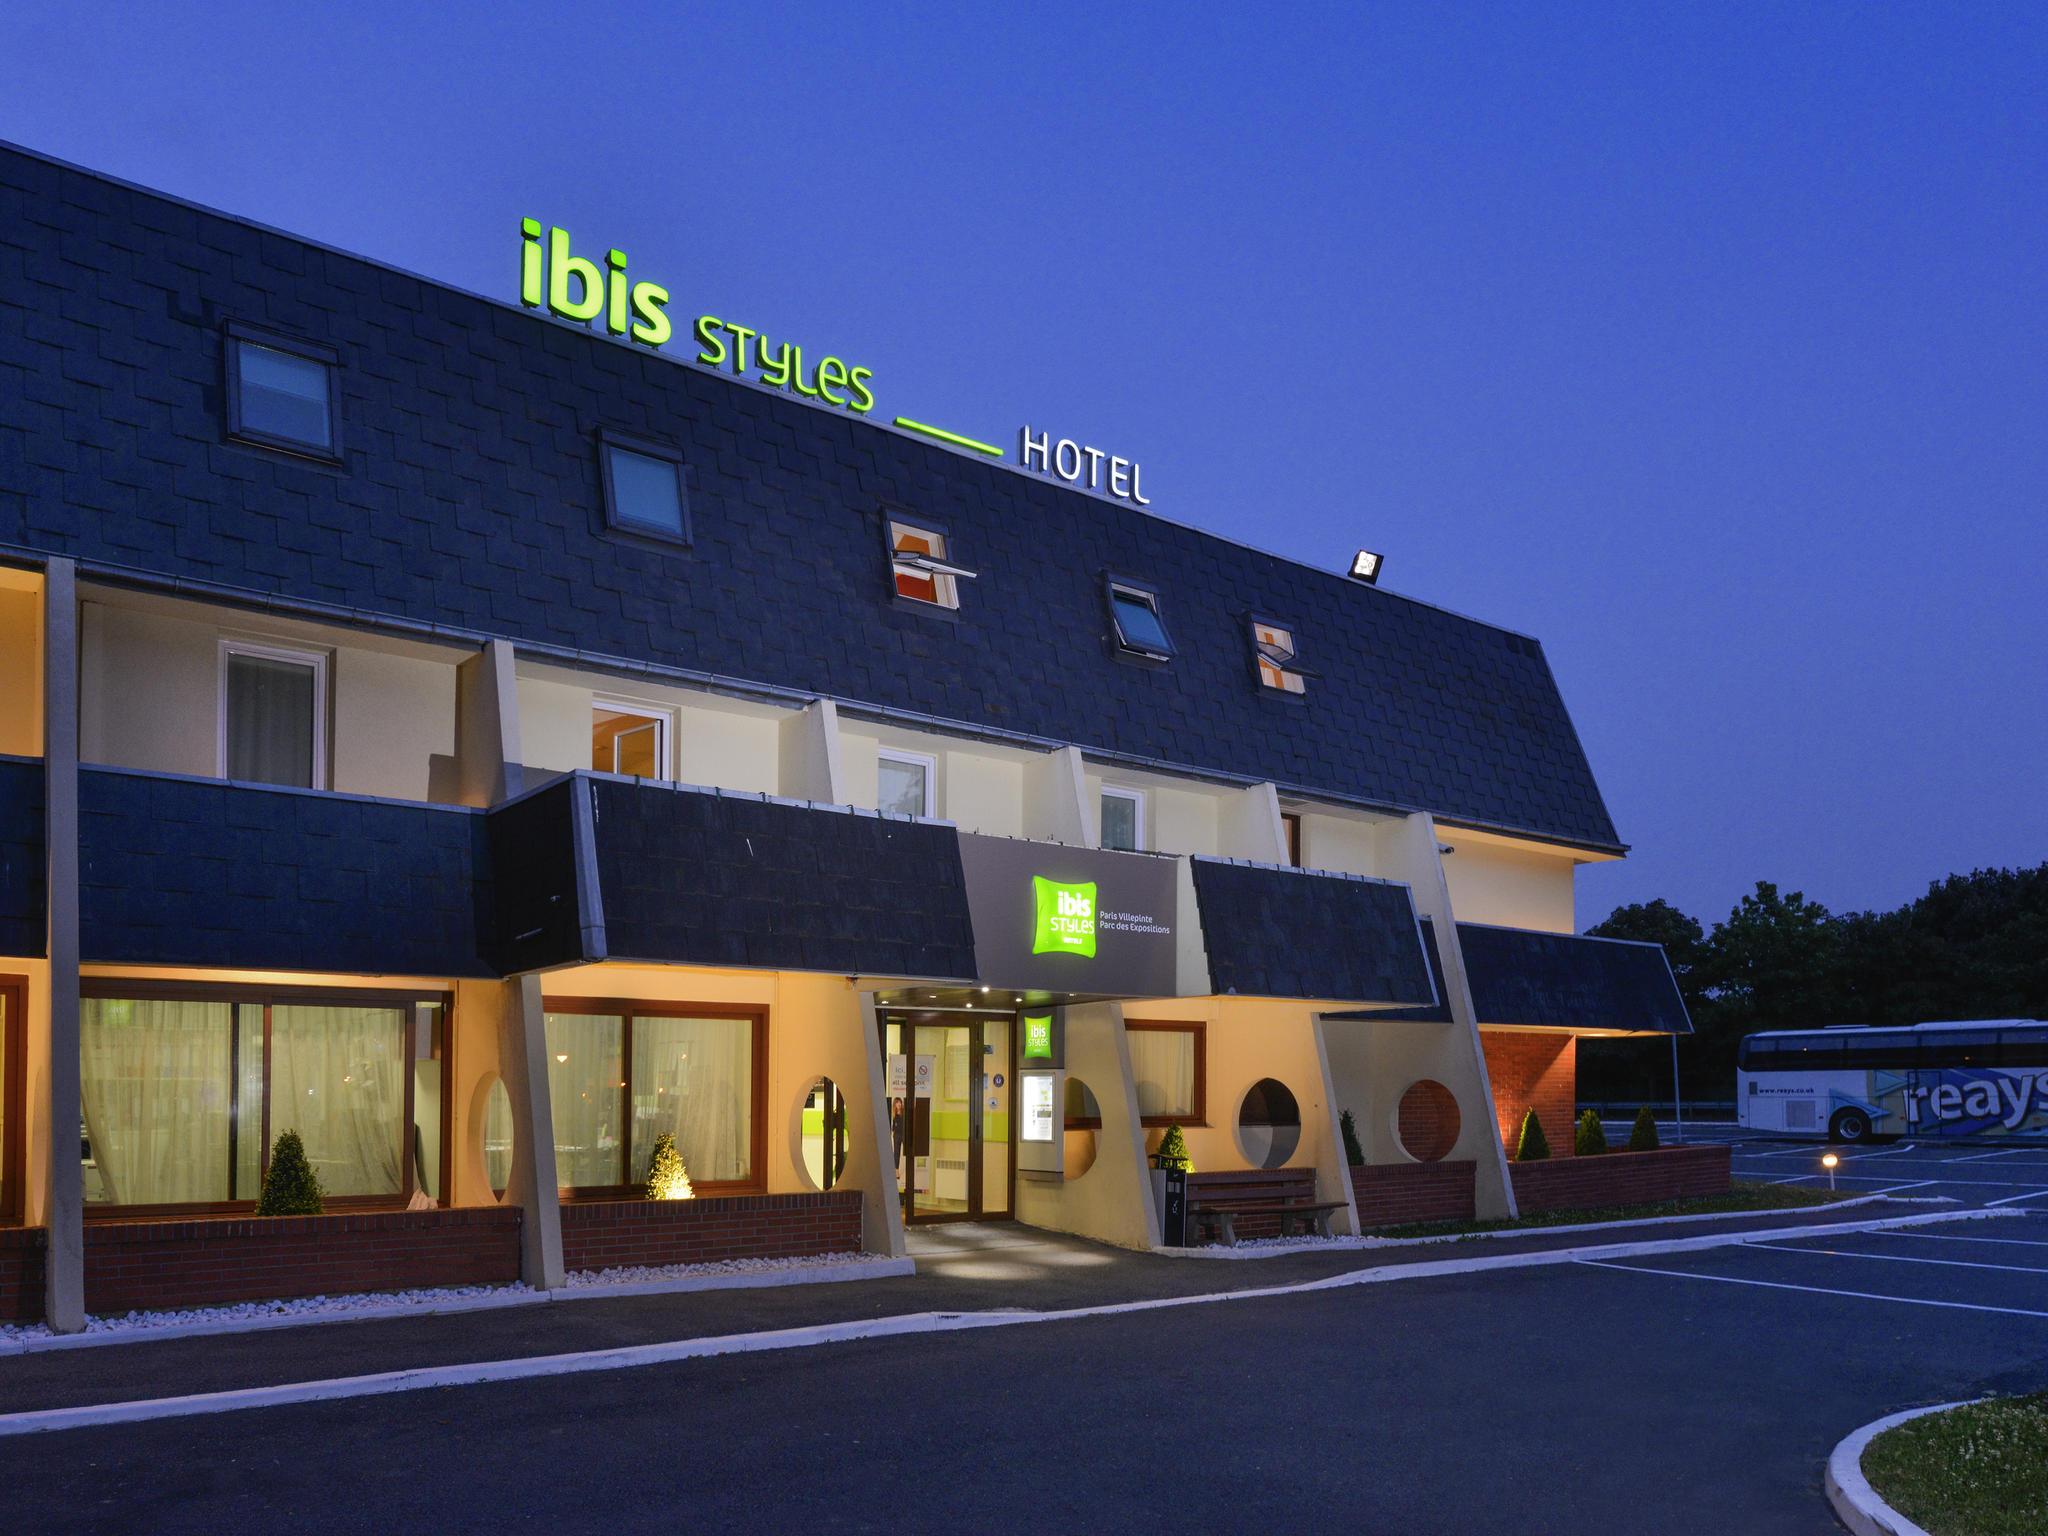 ホテル – イビススタイルズパルクデゼクスポジシオンドヴィルパント